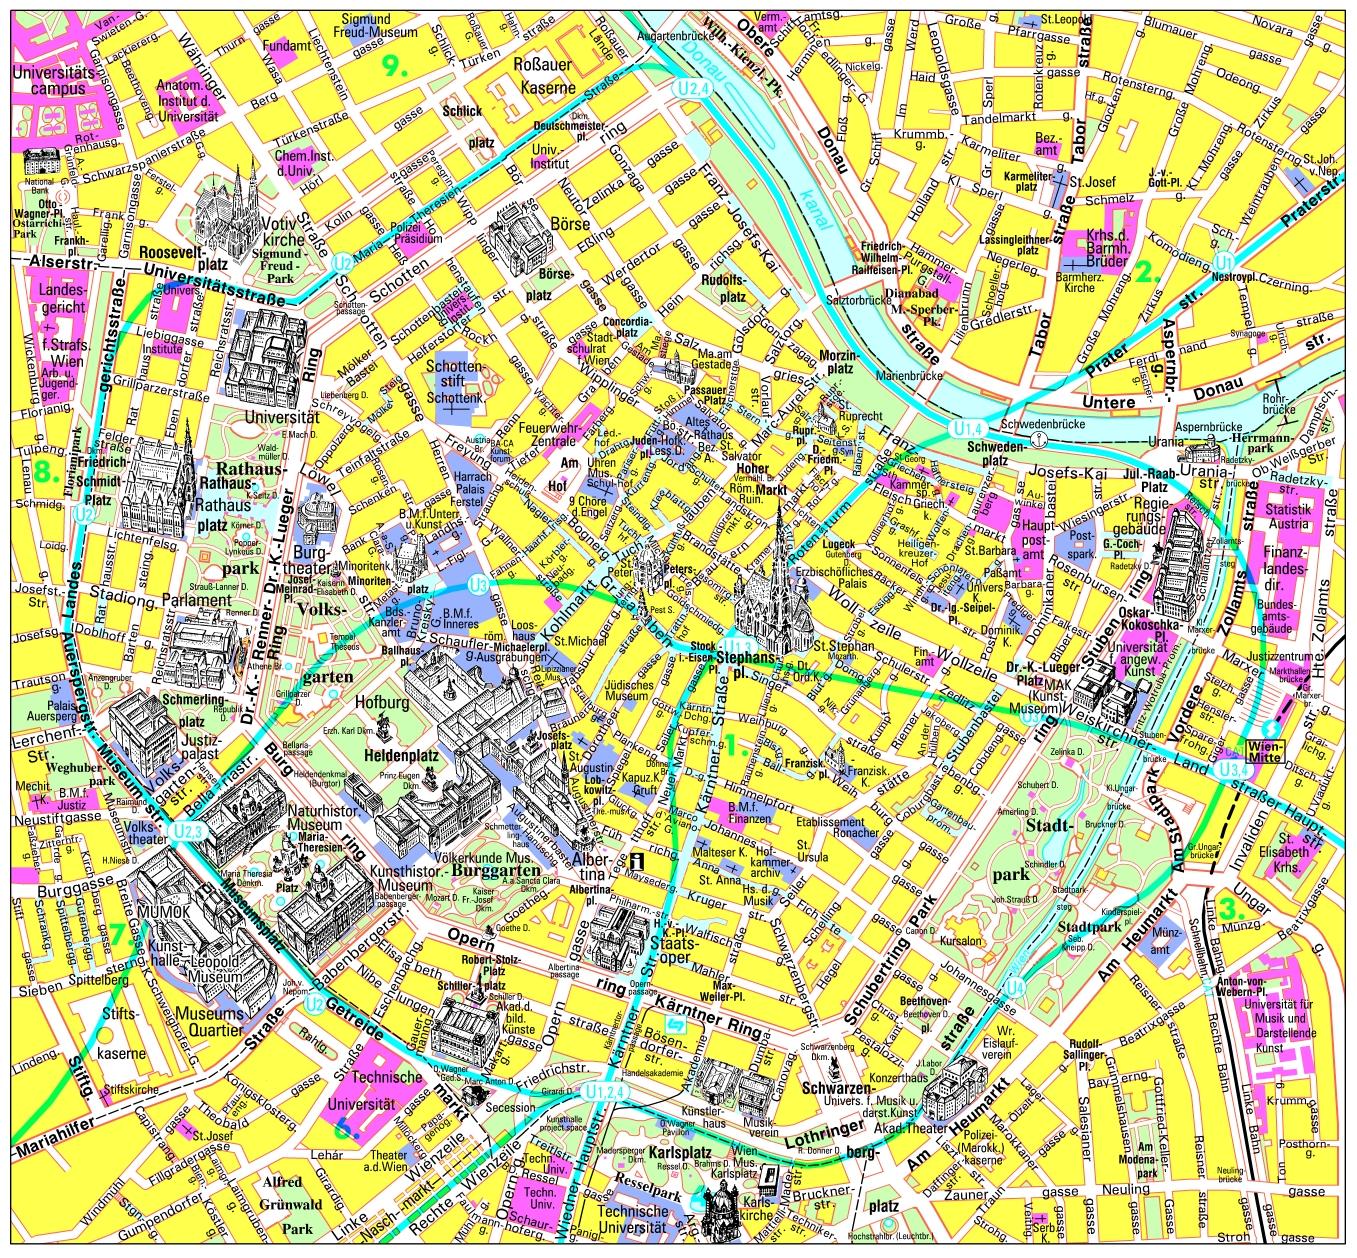 Mapa del centro de Viena